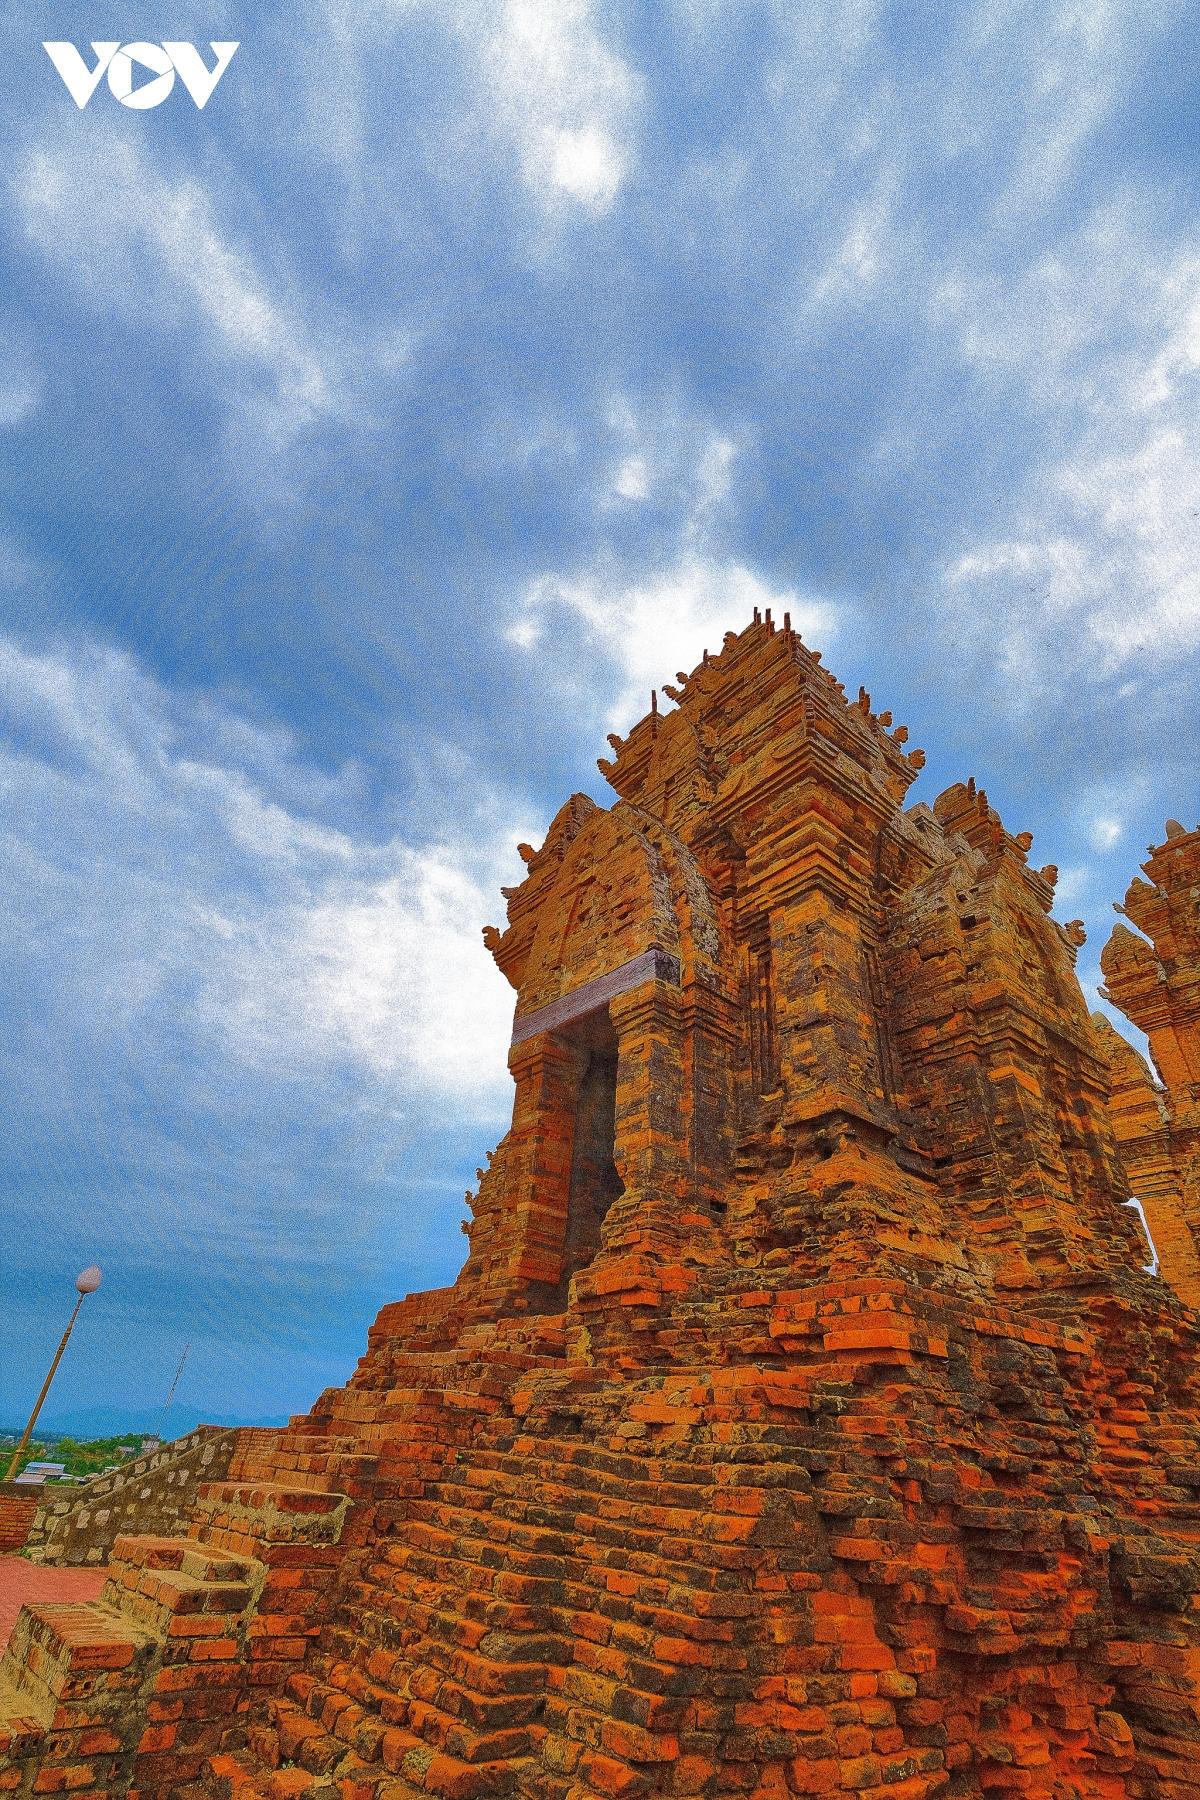 Đến Phan Rang   Tháp Chàm không thể bỏ qua 2 điểm này